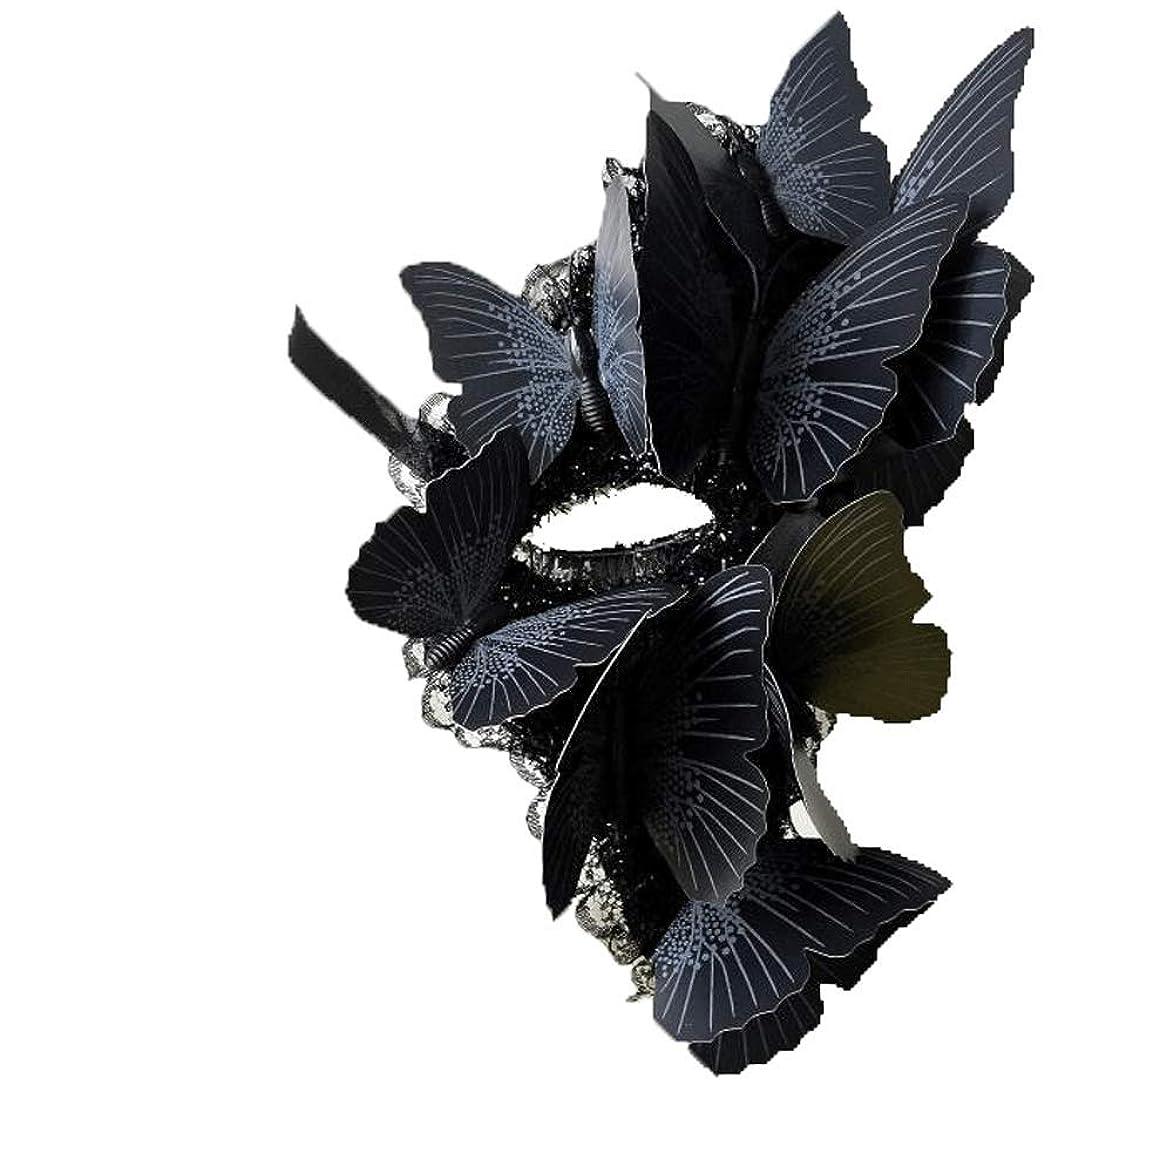 注文韓国語ワットNanle ハロウィーンの蝶単眼マスク仮装マスクレディミスプリンセス美しさの祭パーティ装飾 (色 : Style B, サイズ さいず : Right eye)